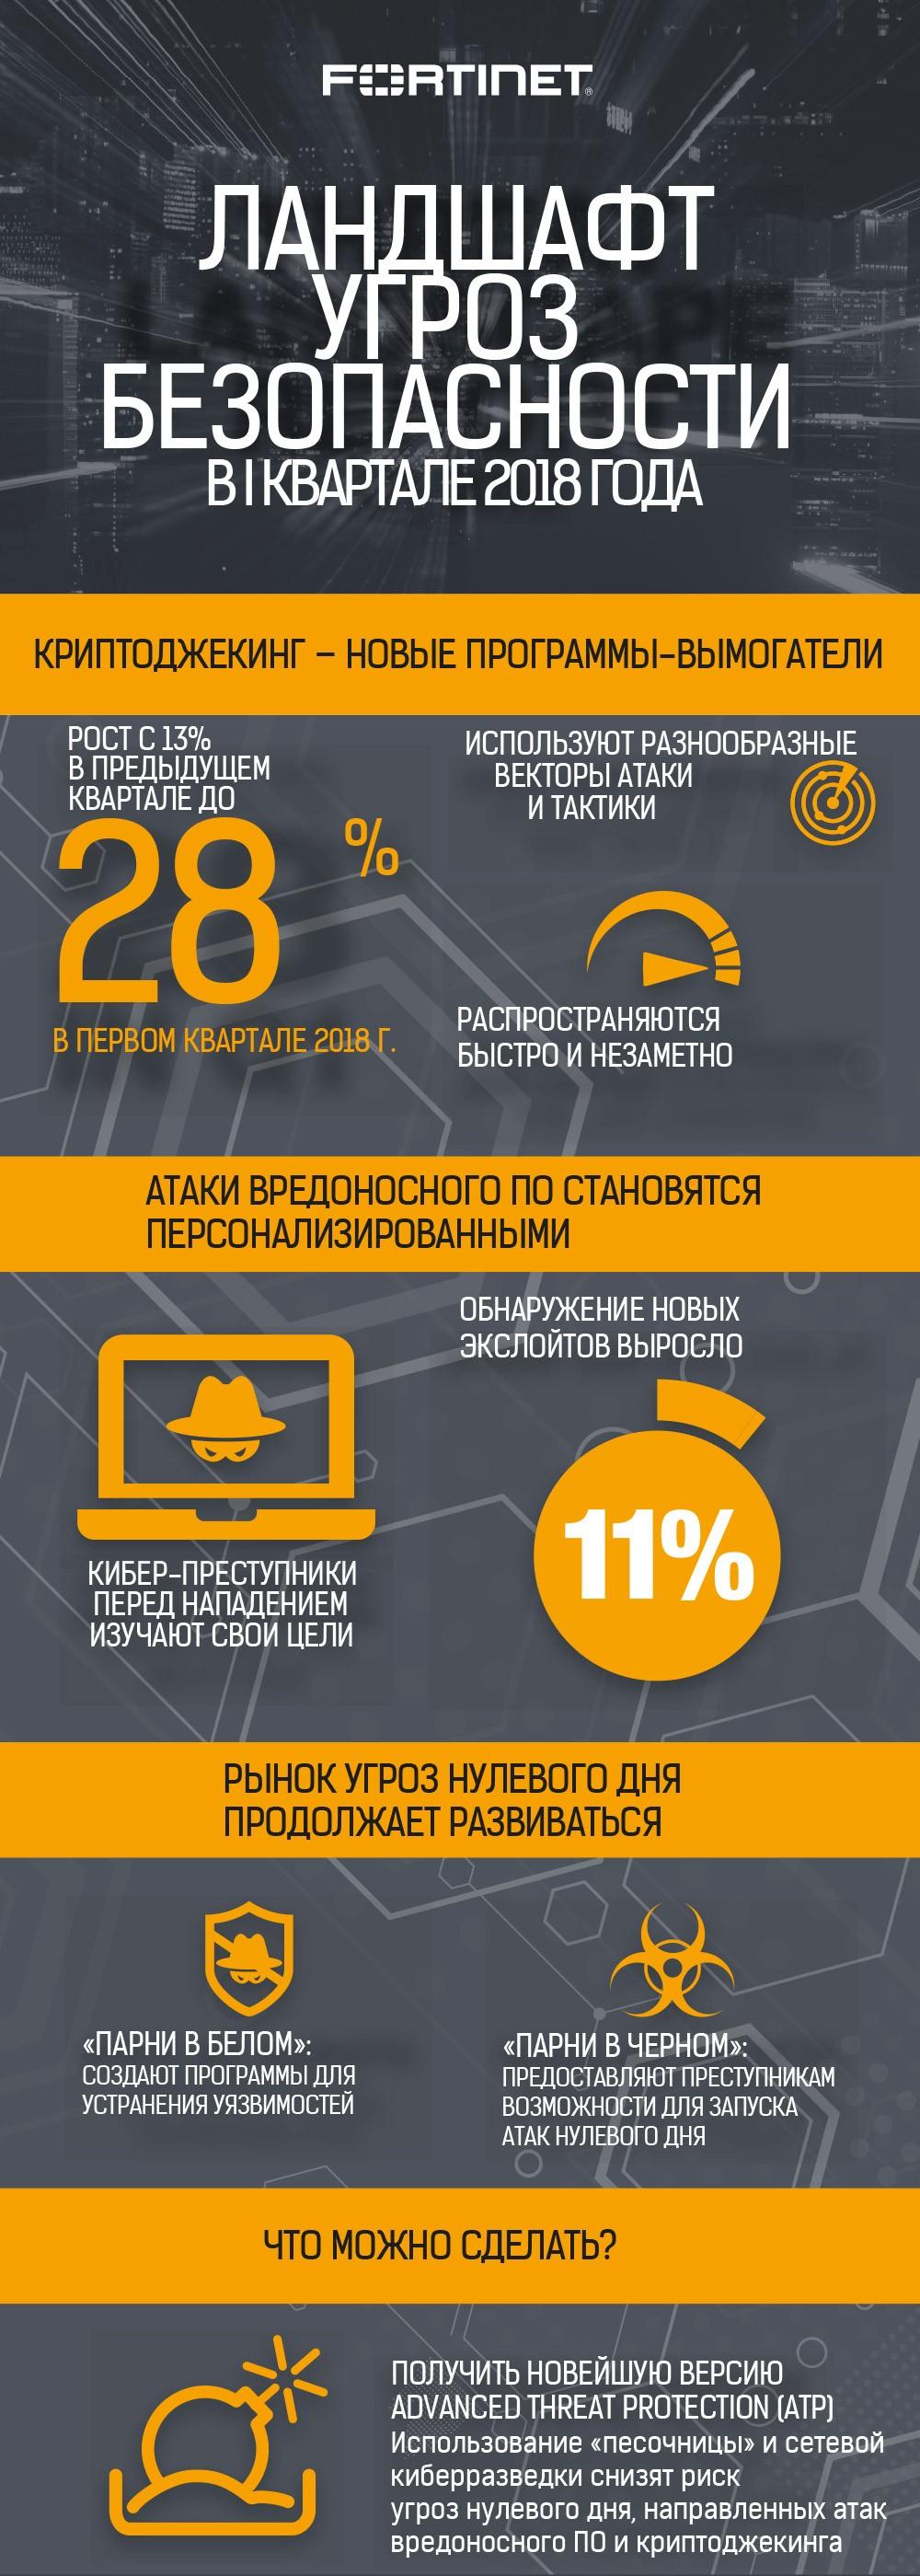 infographicfortinettlrq12018rus2.jpg